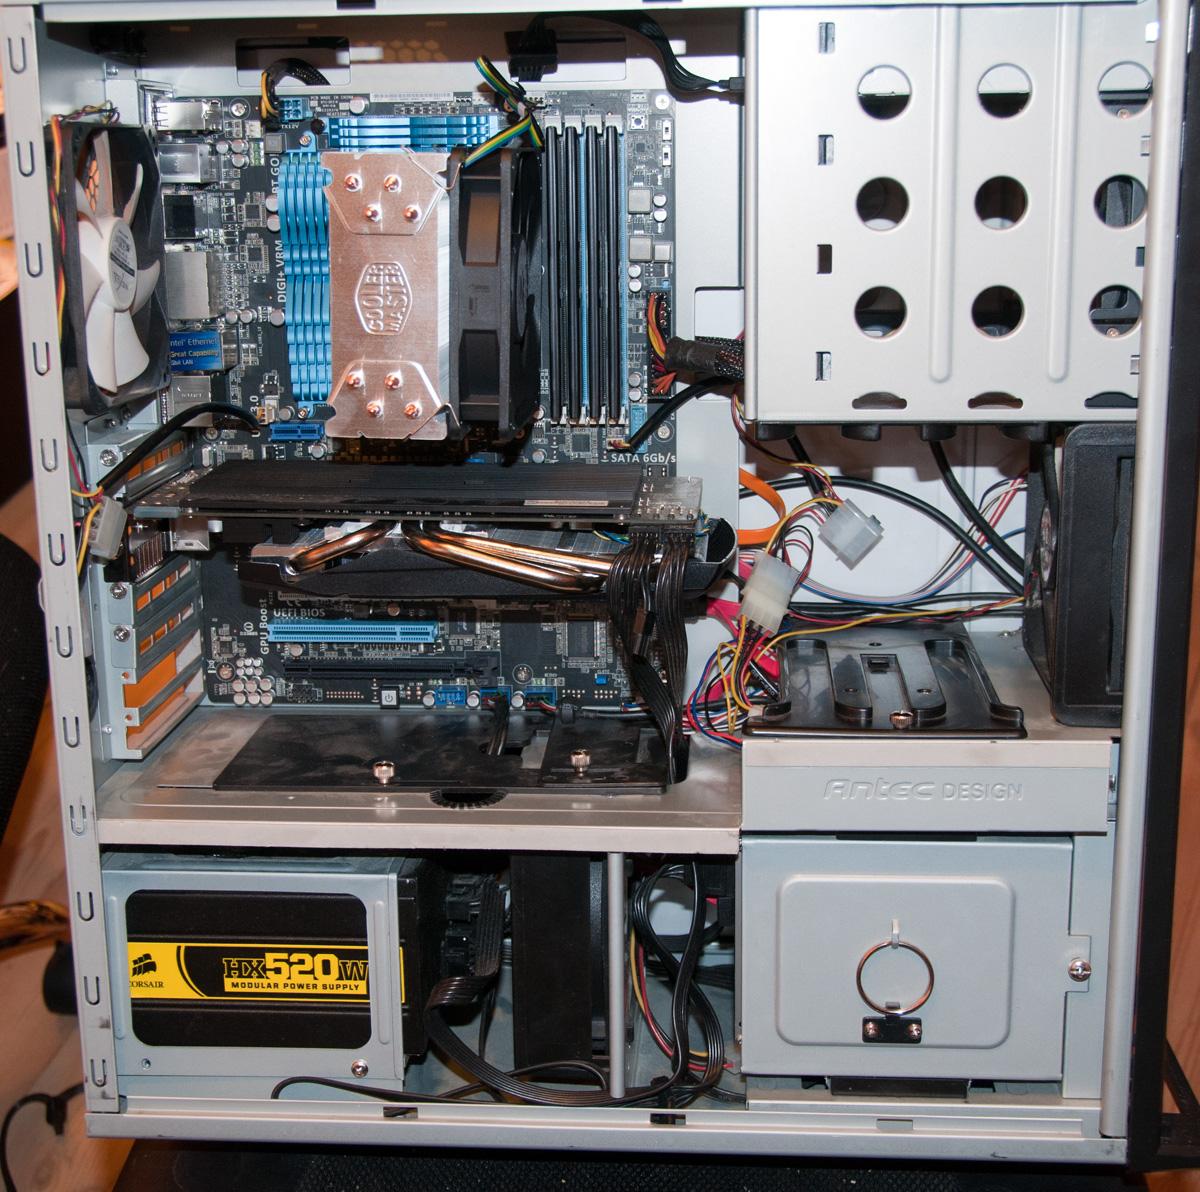 DSC 4501pp i5-2500k @ 4.3GHz Asus P8Z68-V Gen3 16GB Corsair XMS3 Asus 6870 DirectCu Intel 320 80GB SSD